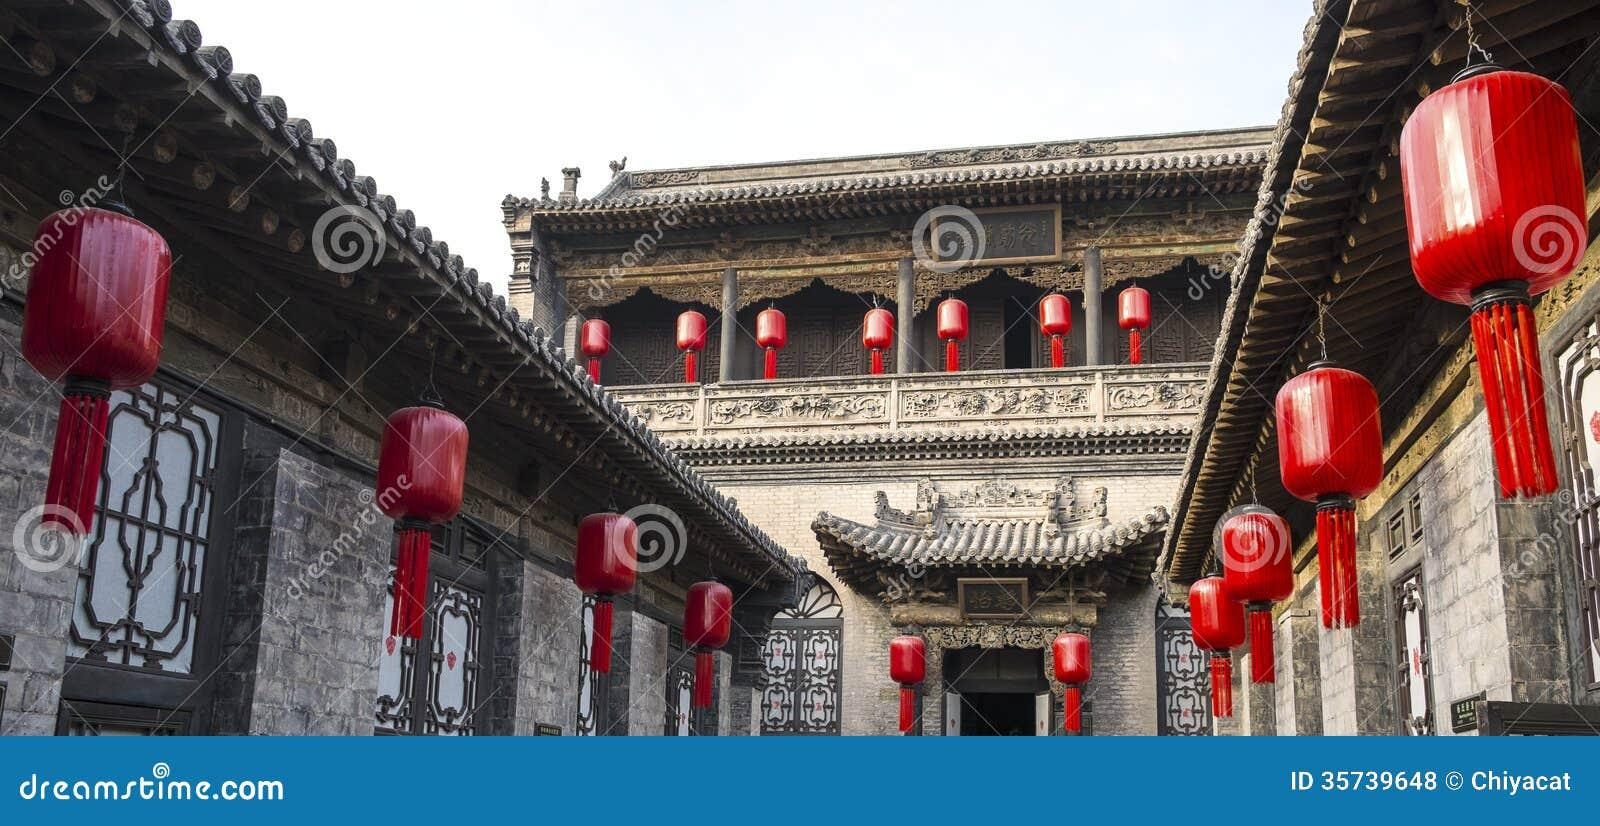 De Binnenplaats van de Qiaofamilie in Pingyao China #4